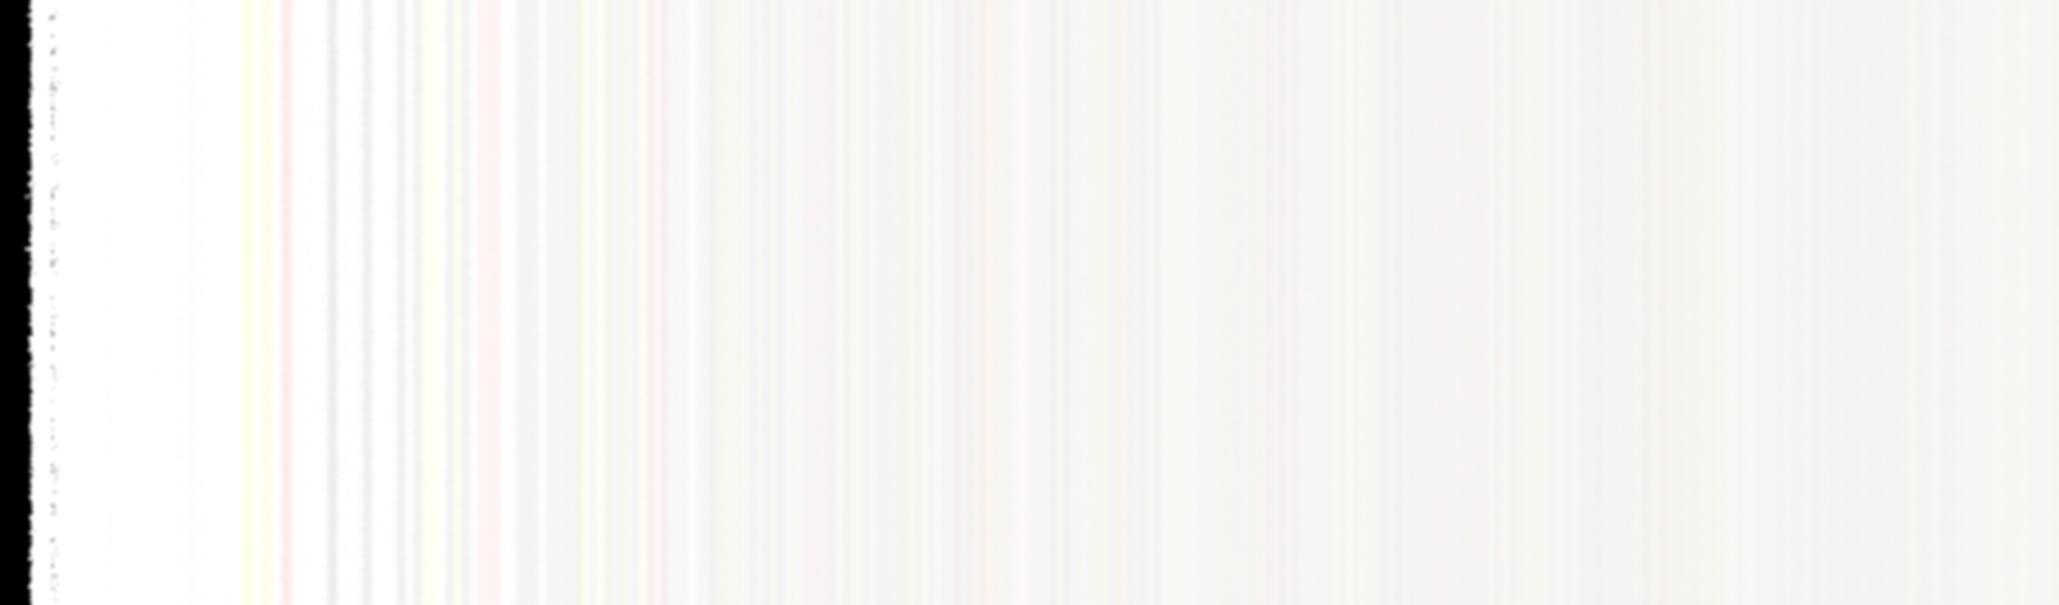 White%2520Gradient%2520Sideways_edited_e